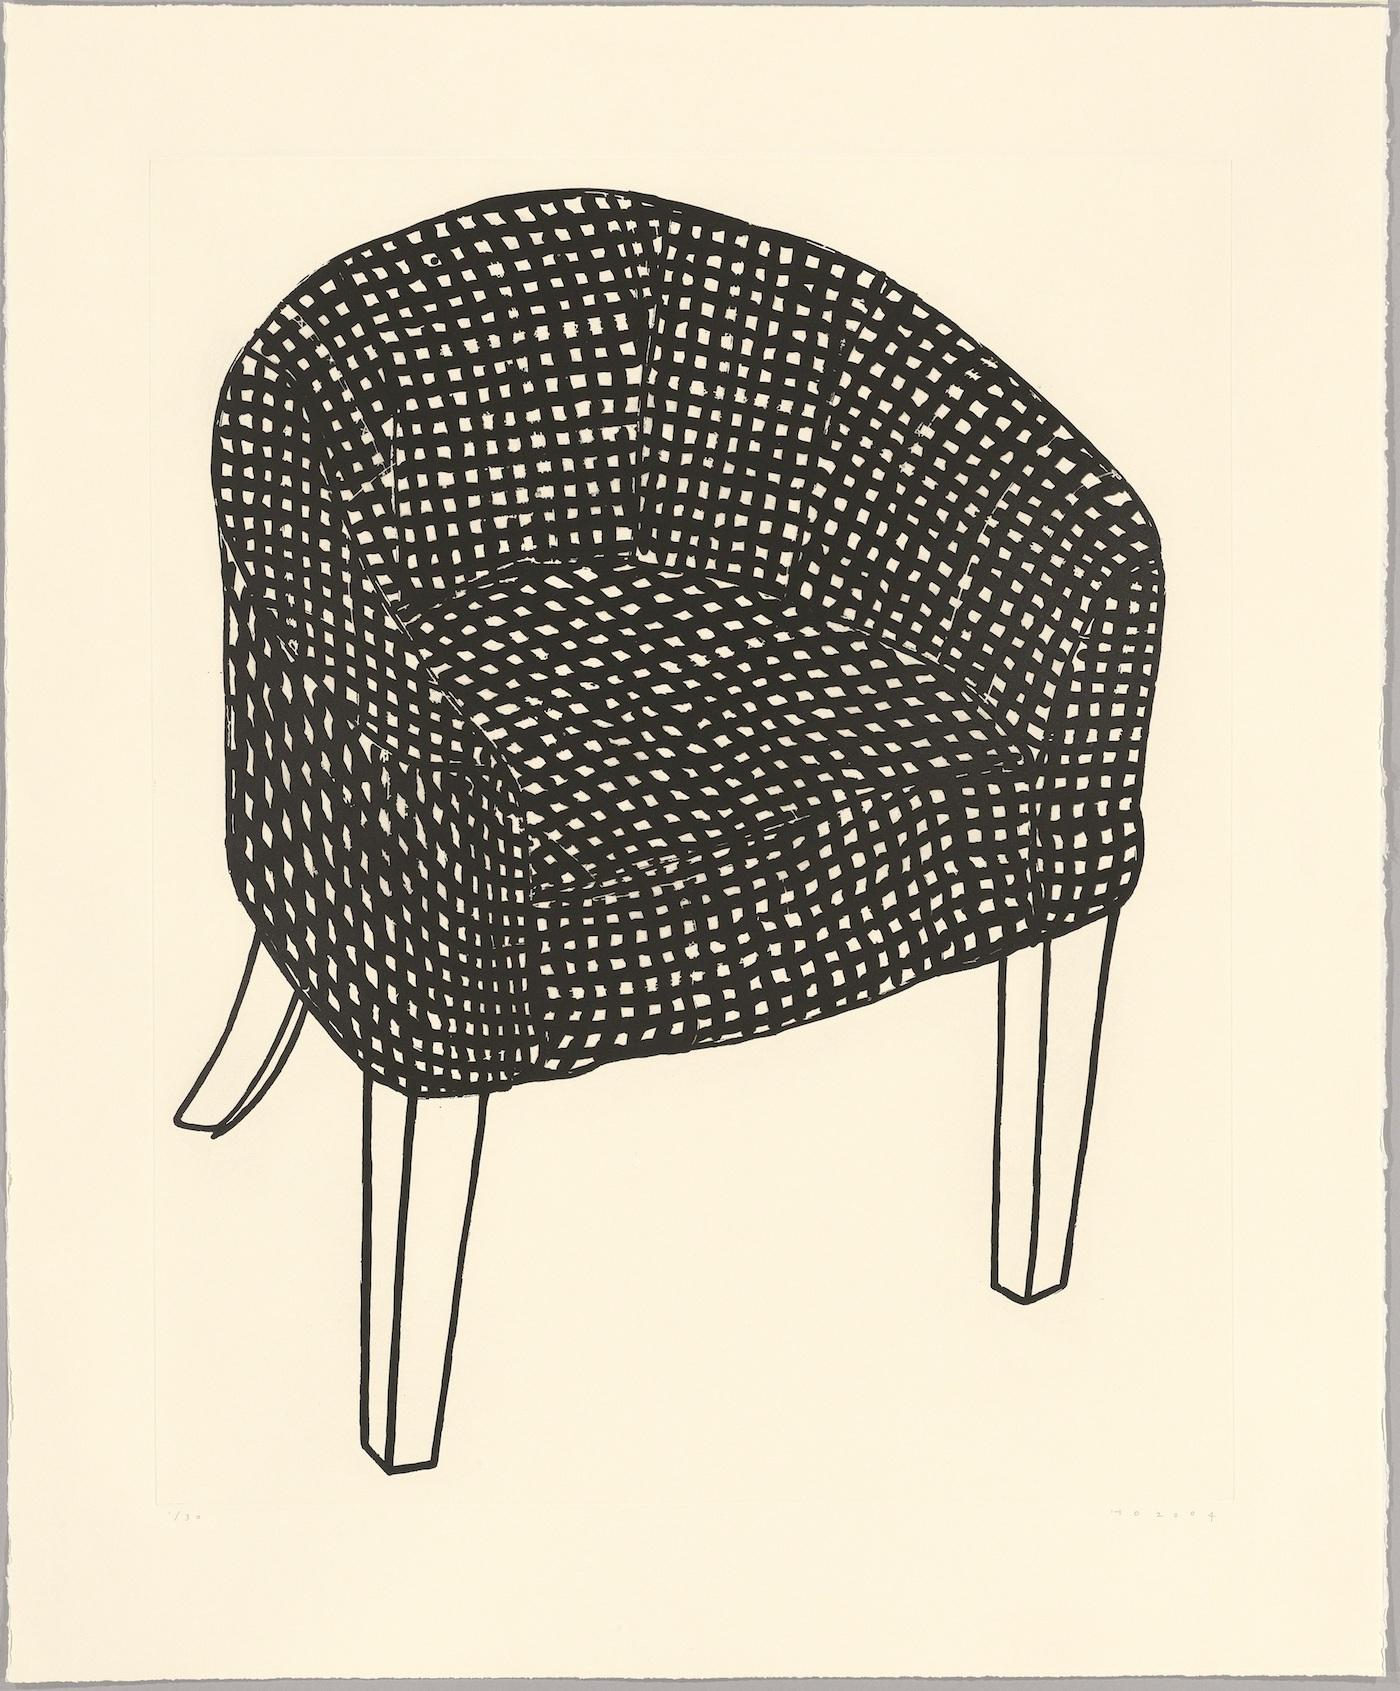 Humphrey Ocean, Fat Check Chair, 2006